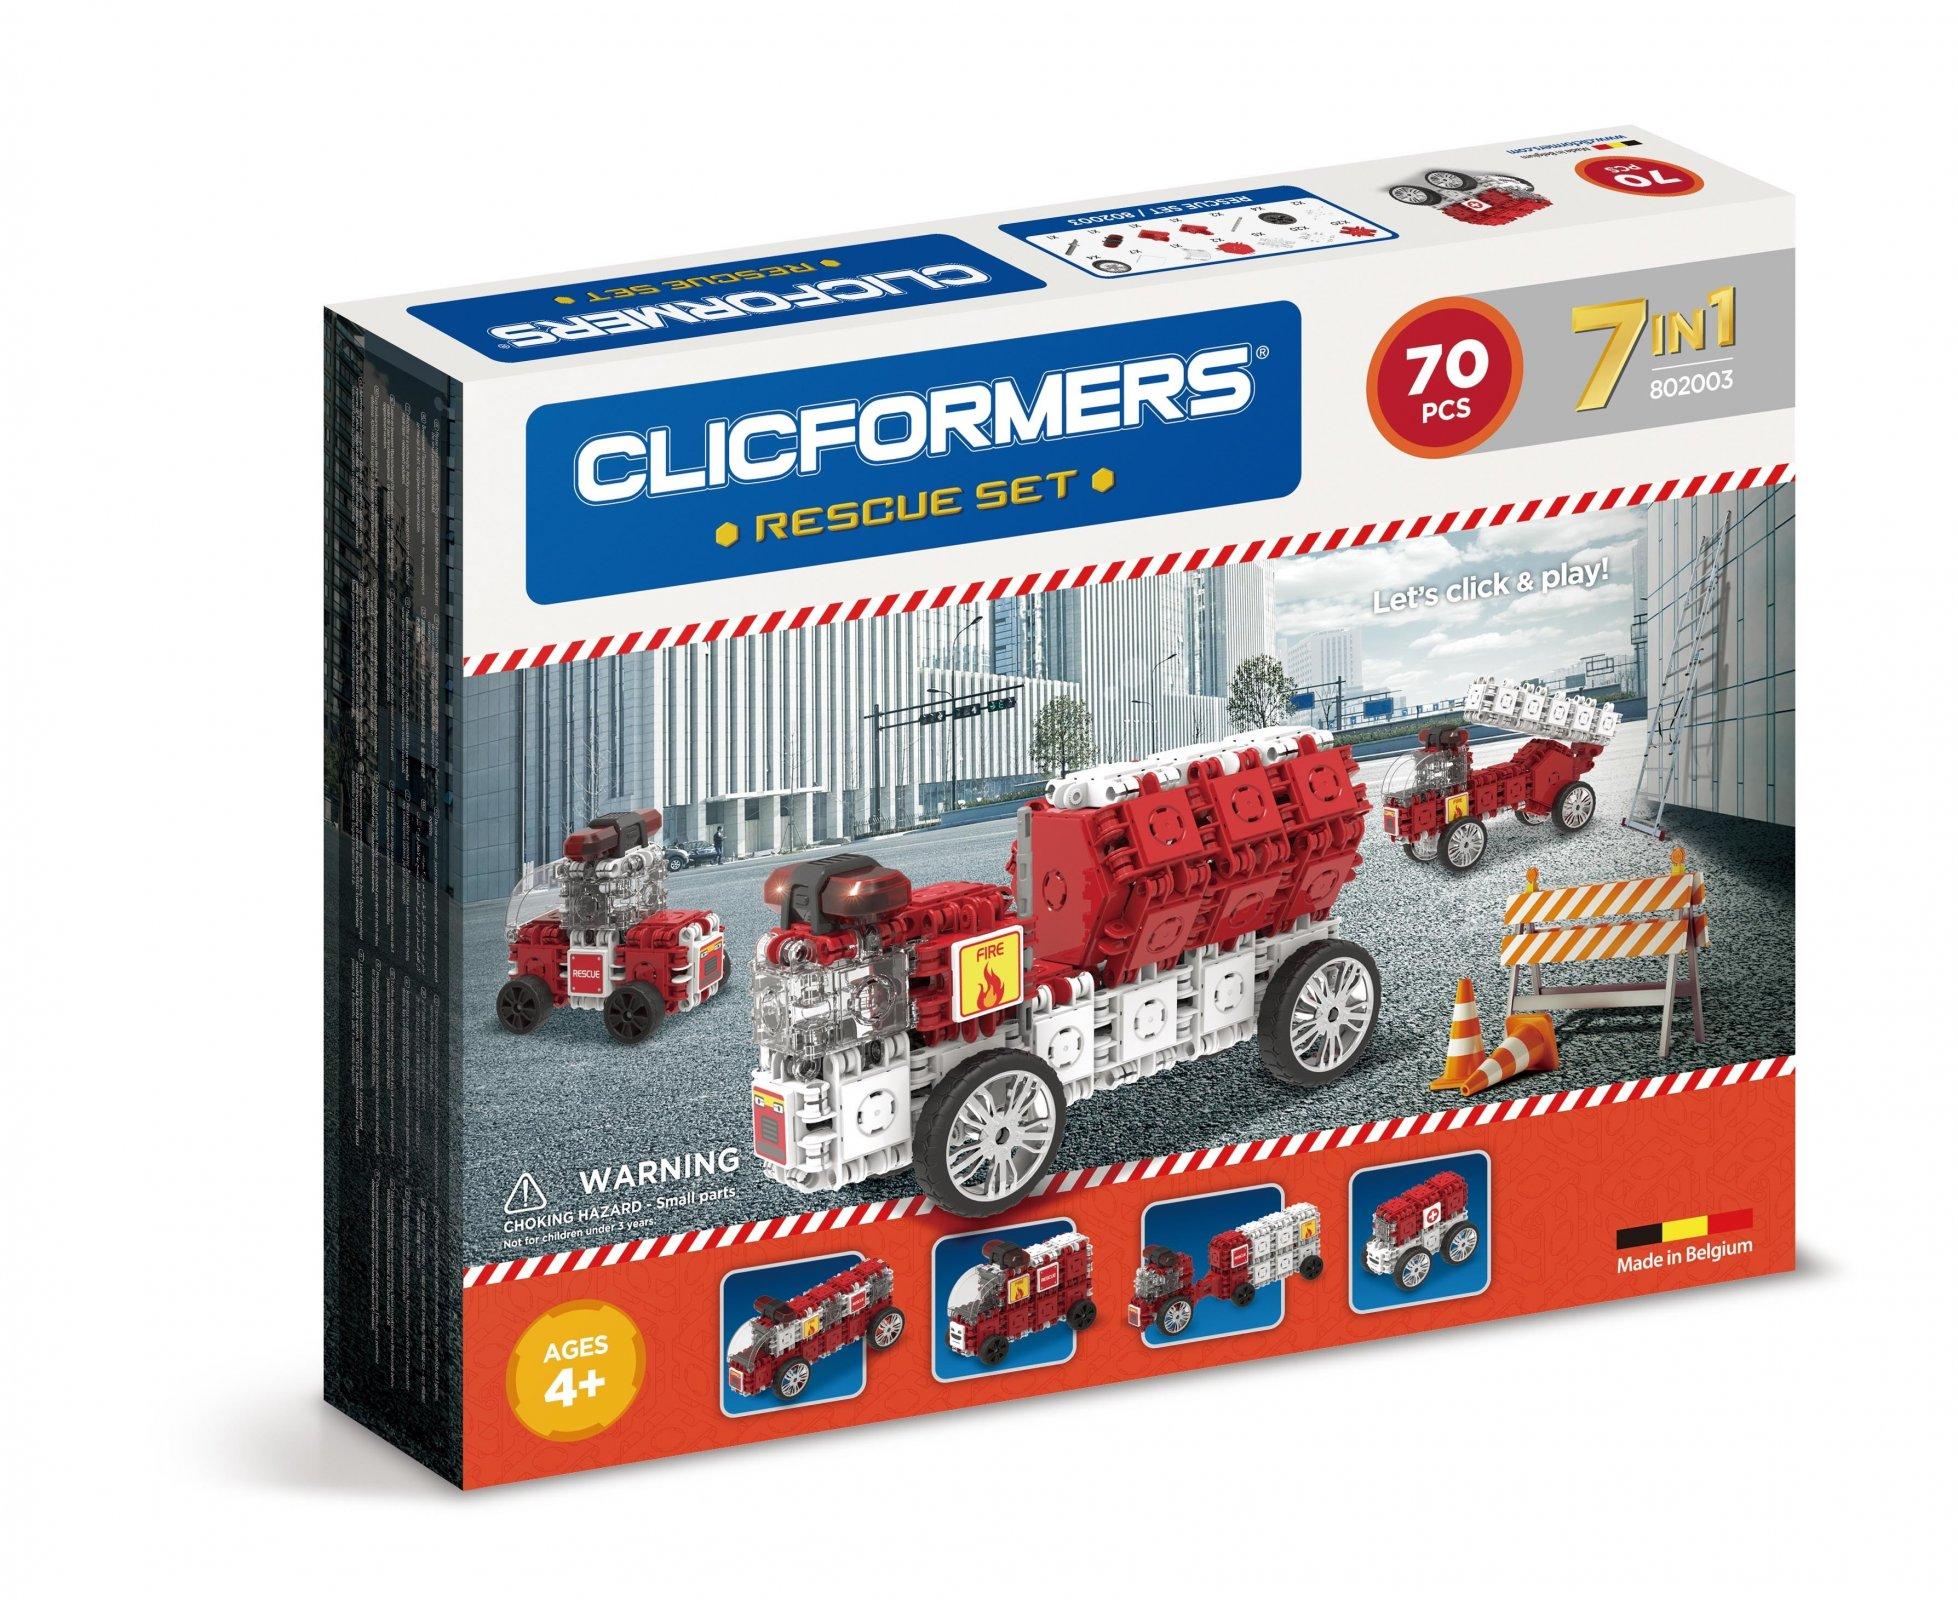 CLICFORMERS Rescue Set 73 PCS